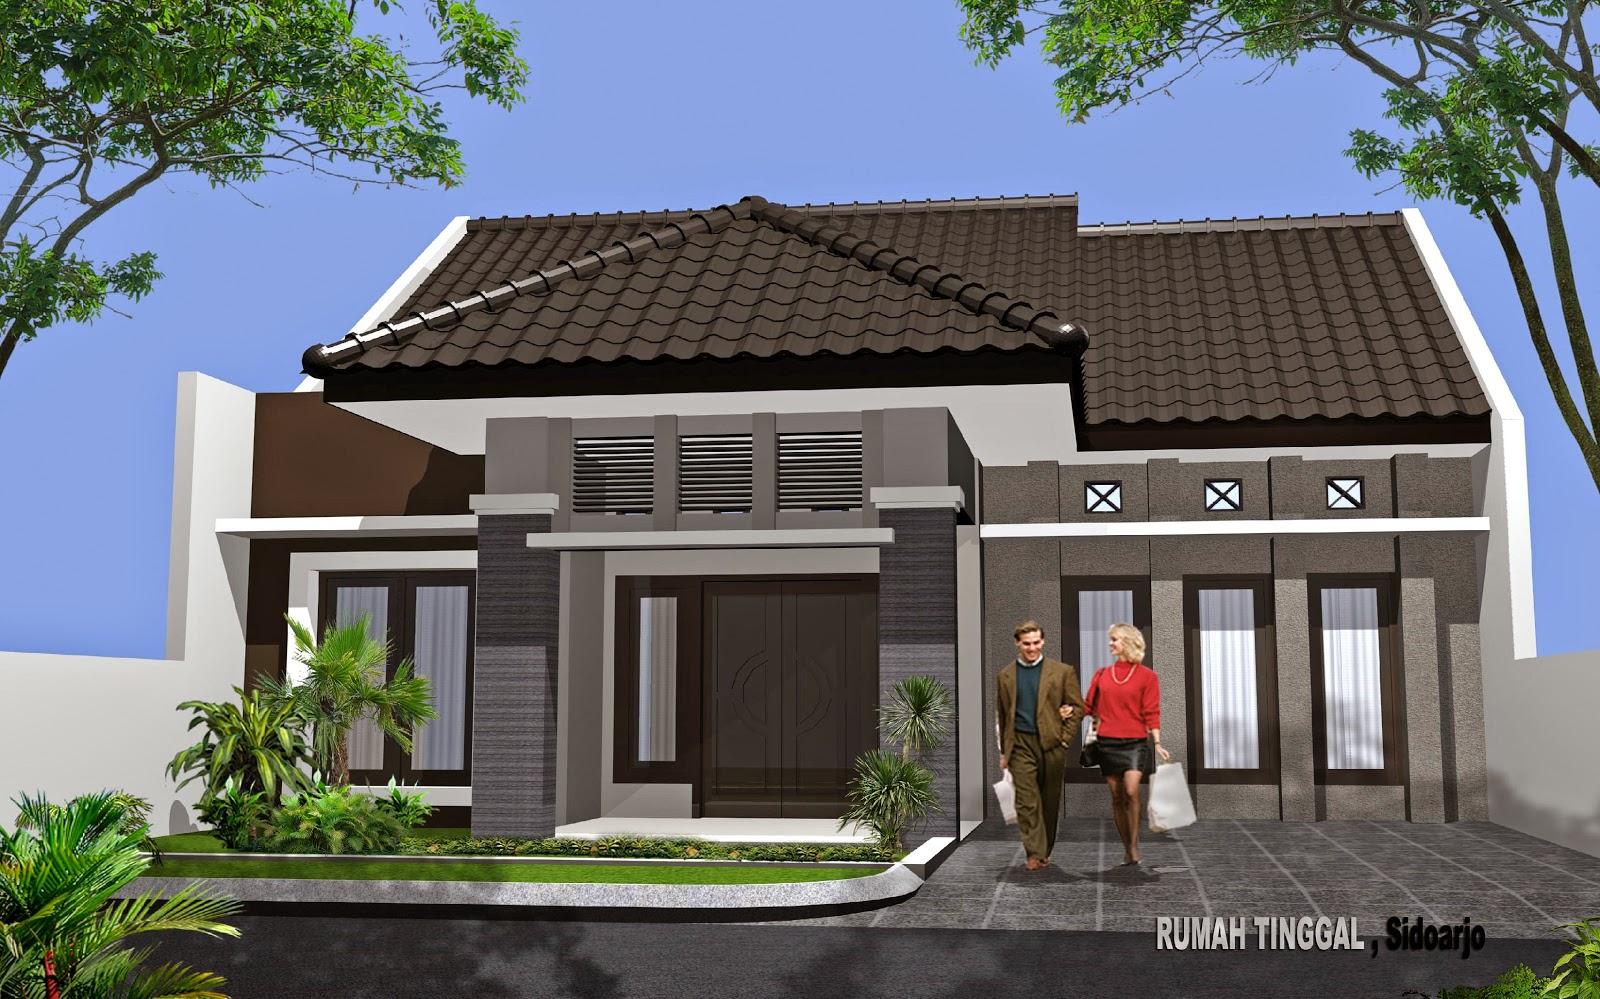 107 Gambar Rumah Minimalis Sederhana Di Desa Gambar Desain Rumah